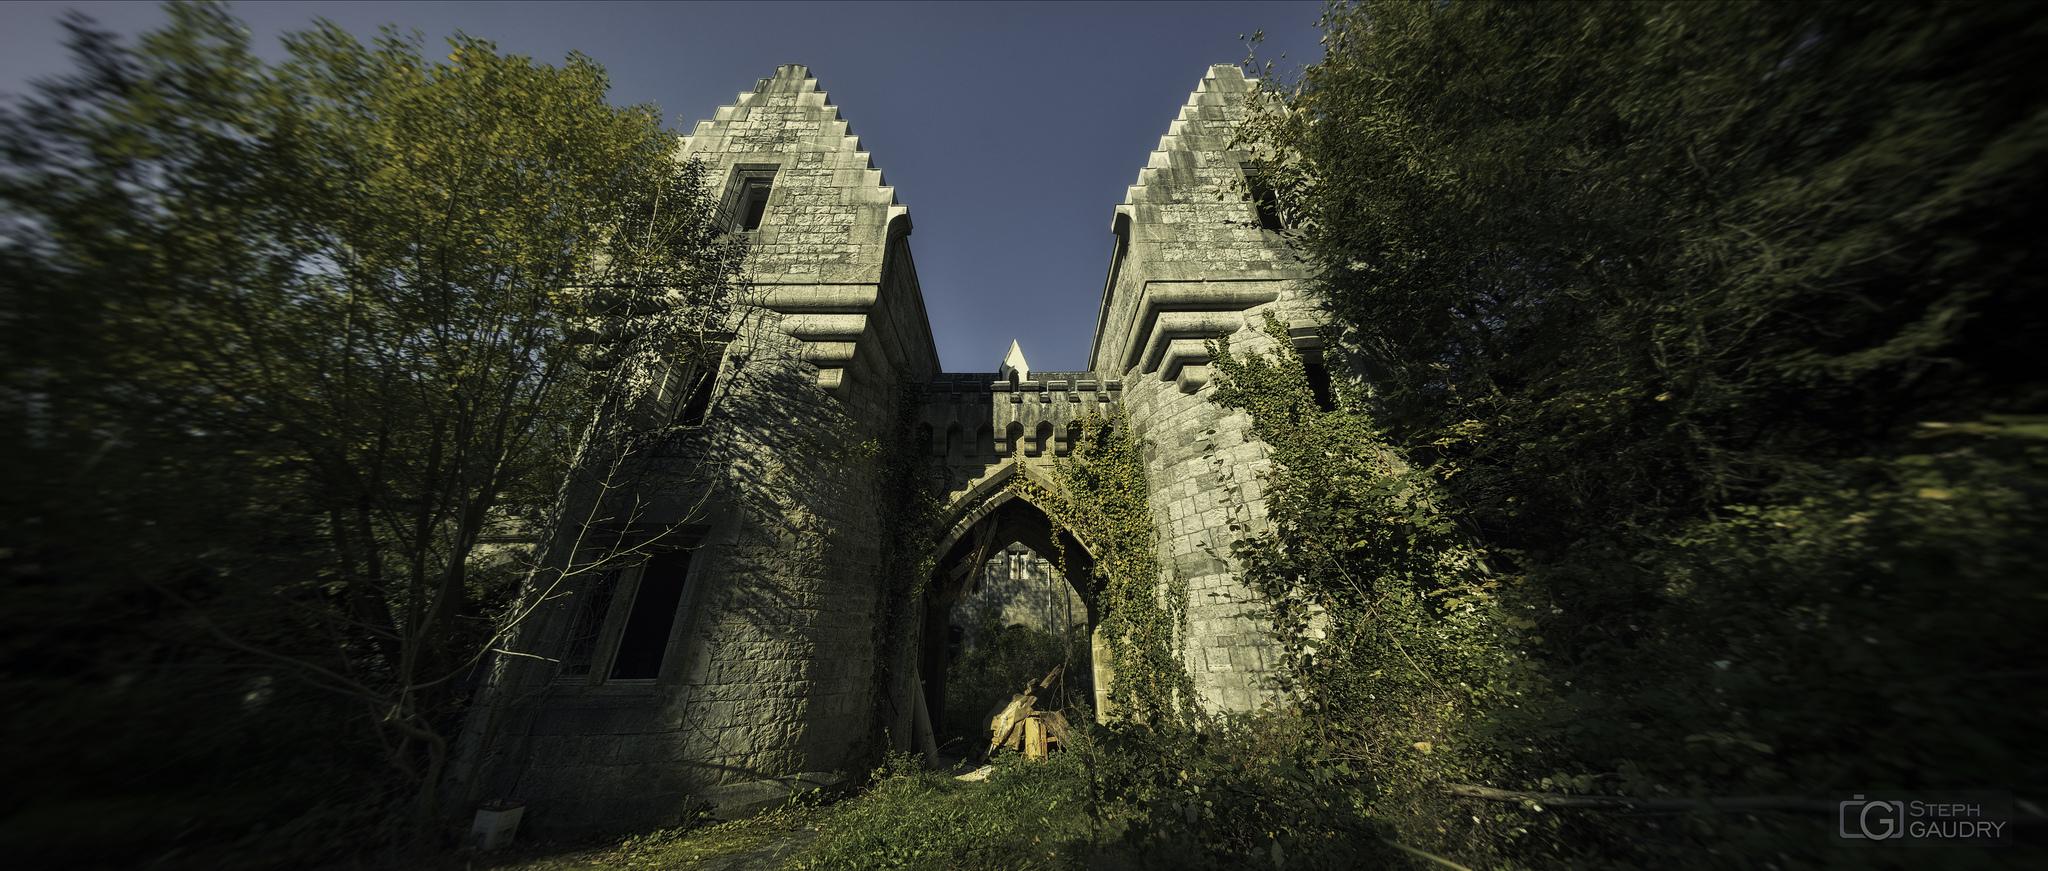 Les dépendances du château Noisy - accès aux écuries [Click to start slideshow]